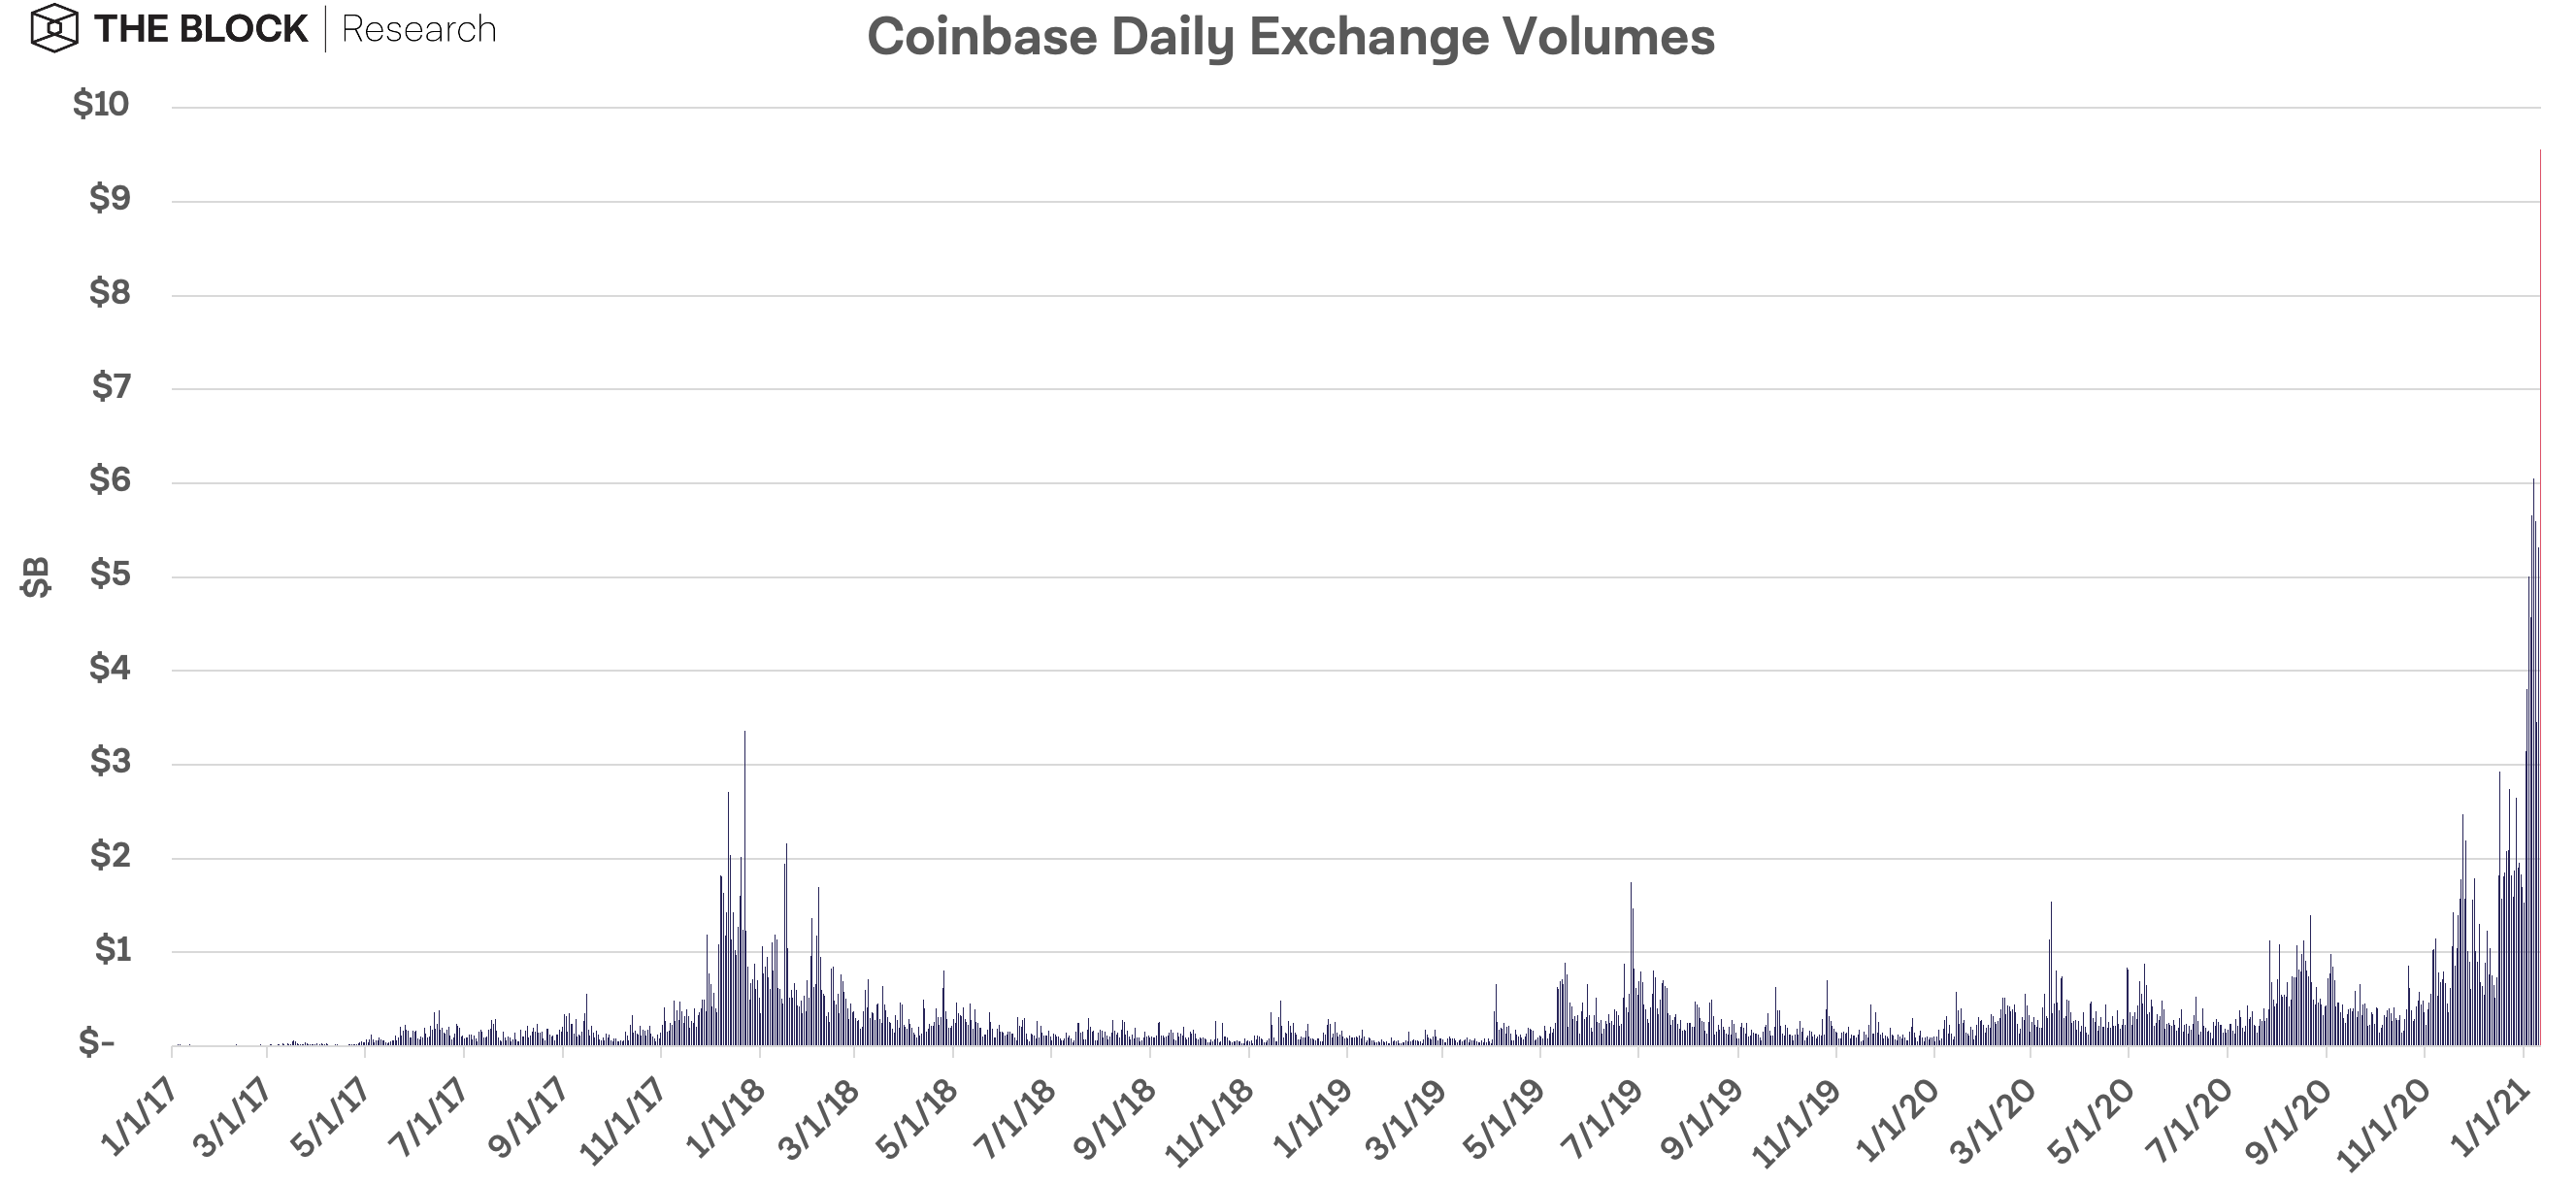 ตลาด Coinbase และ Binance คึกคักมาก ปริมาณซื้อขายคริปโตรายวัน พุ่งสูงสุดเป็นประวัติการณ์